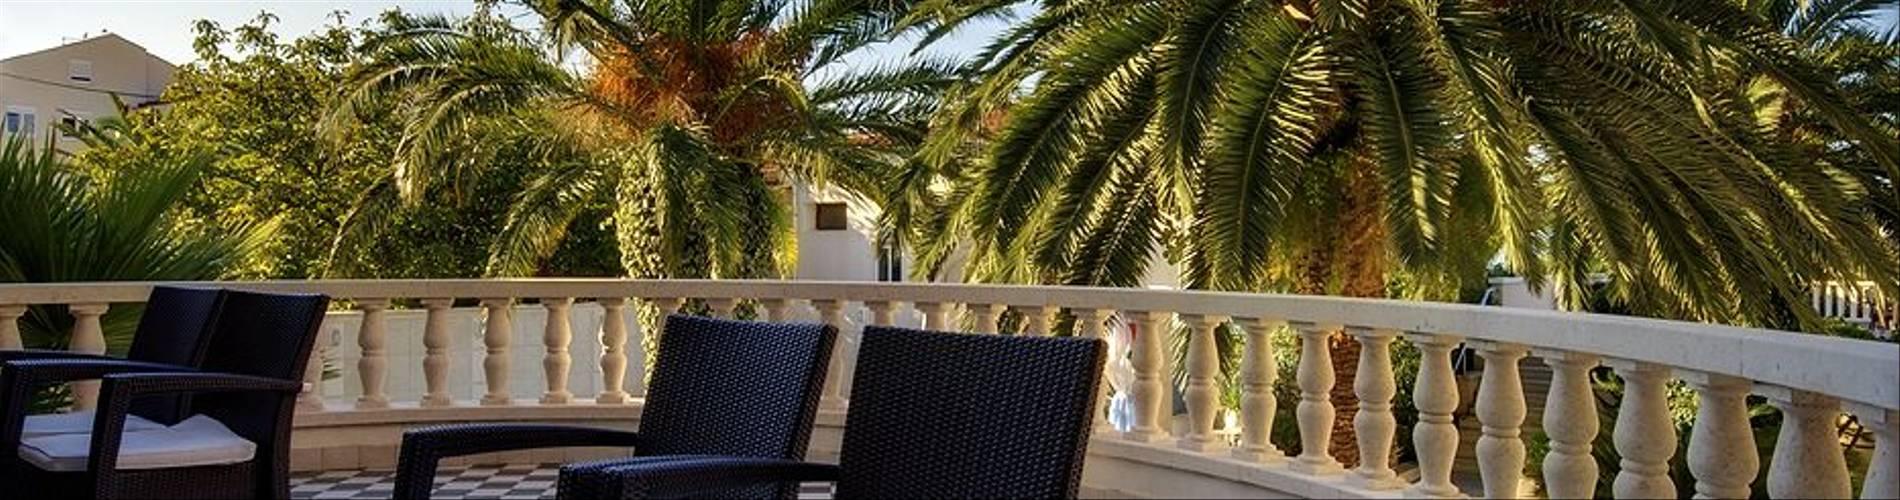 Lobby area terrace.jpg